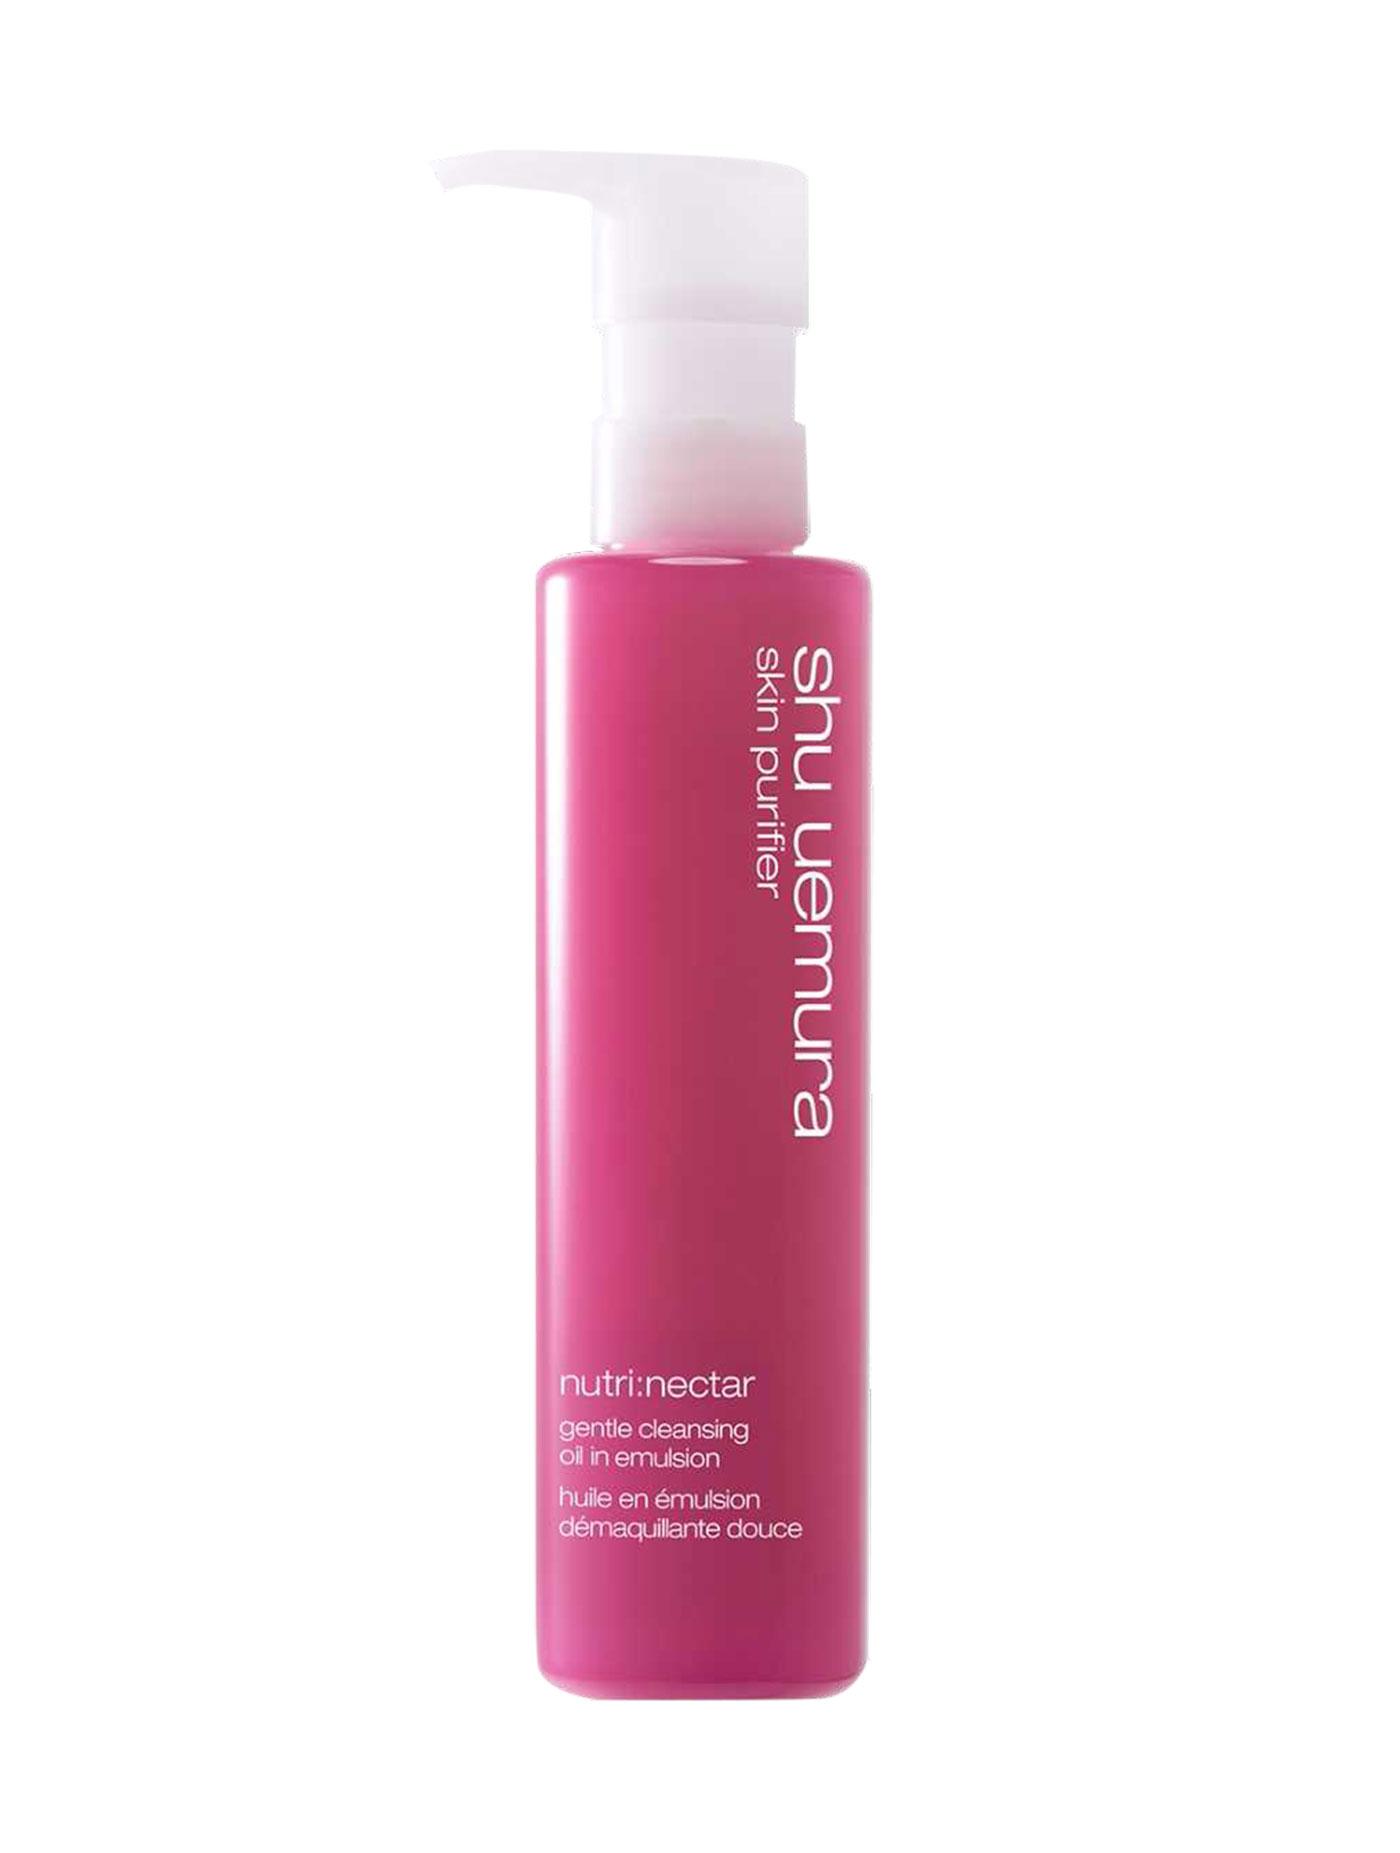 คลีนซิ่งออยล์ Nutri:Nectar Cleansing Oil In Emulsion ขนาด 150 มล.